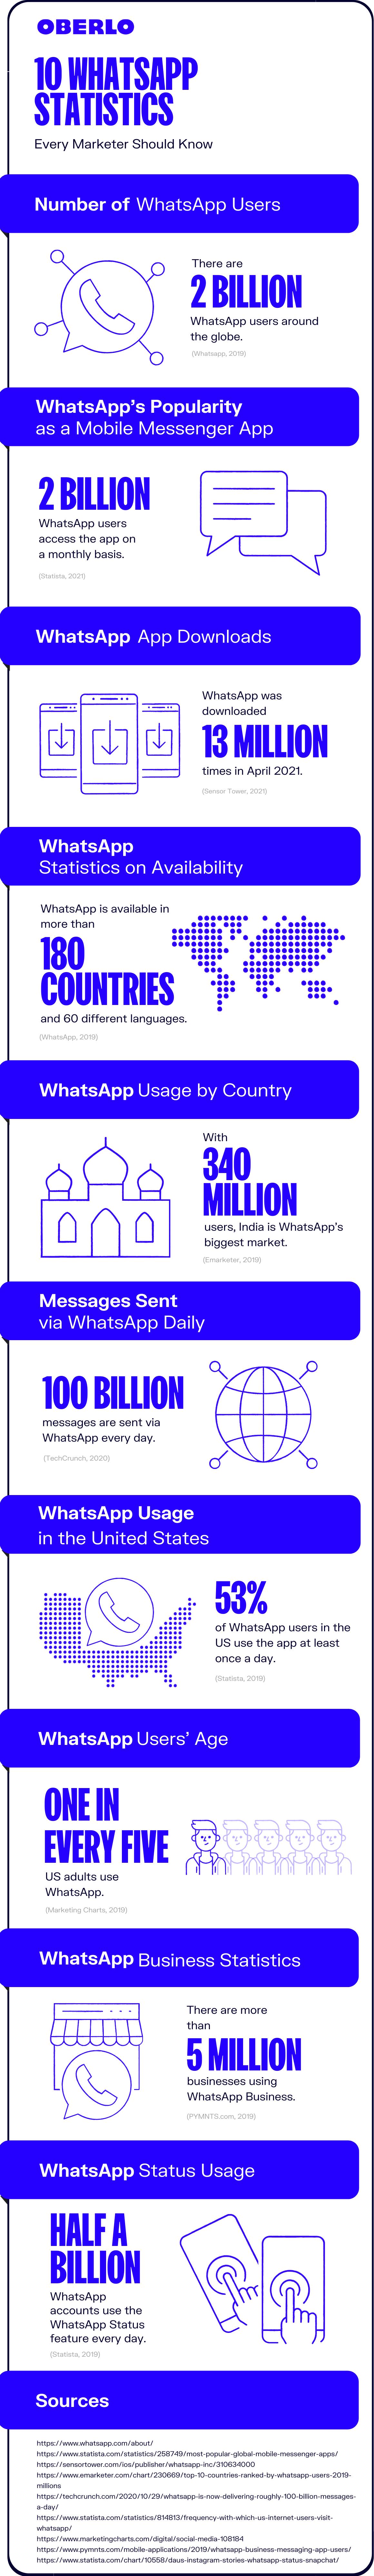 full graphic of whatsapp statistics